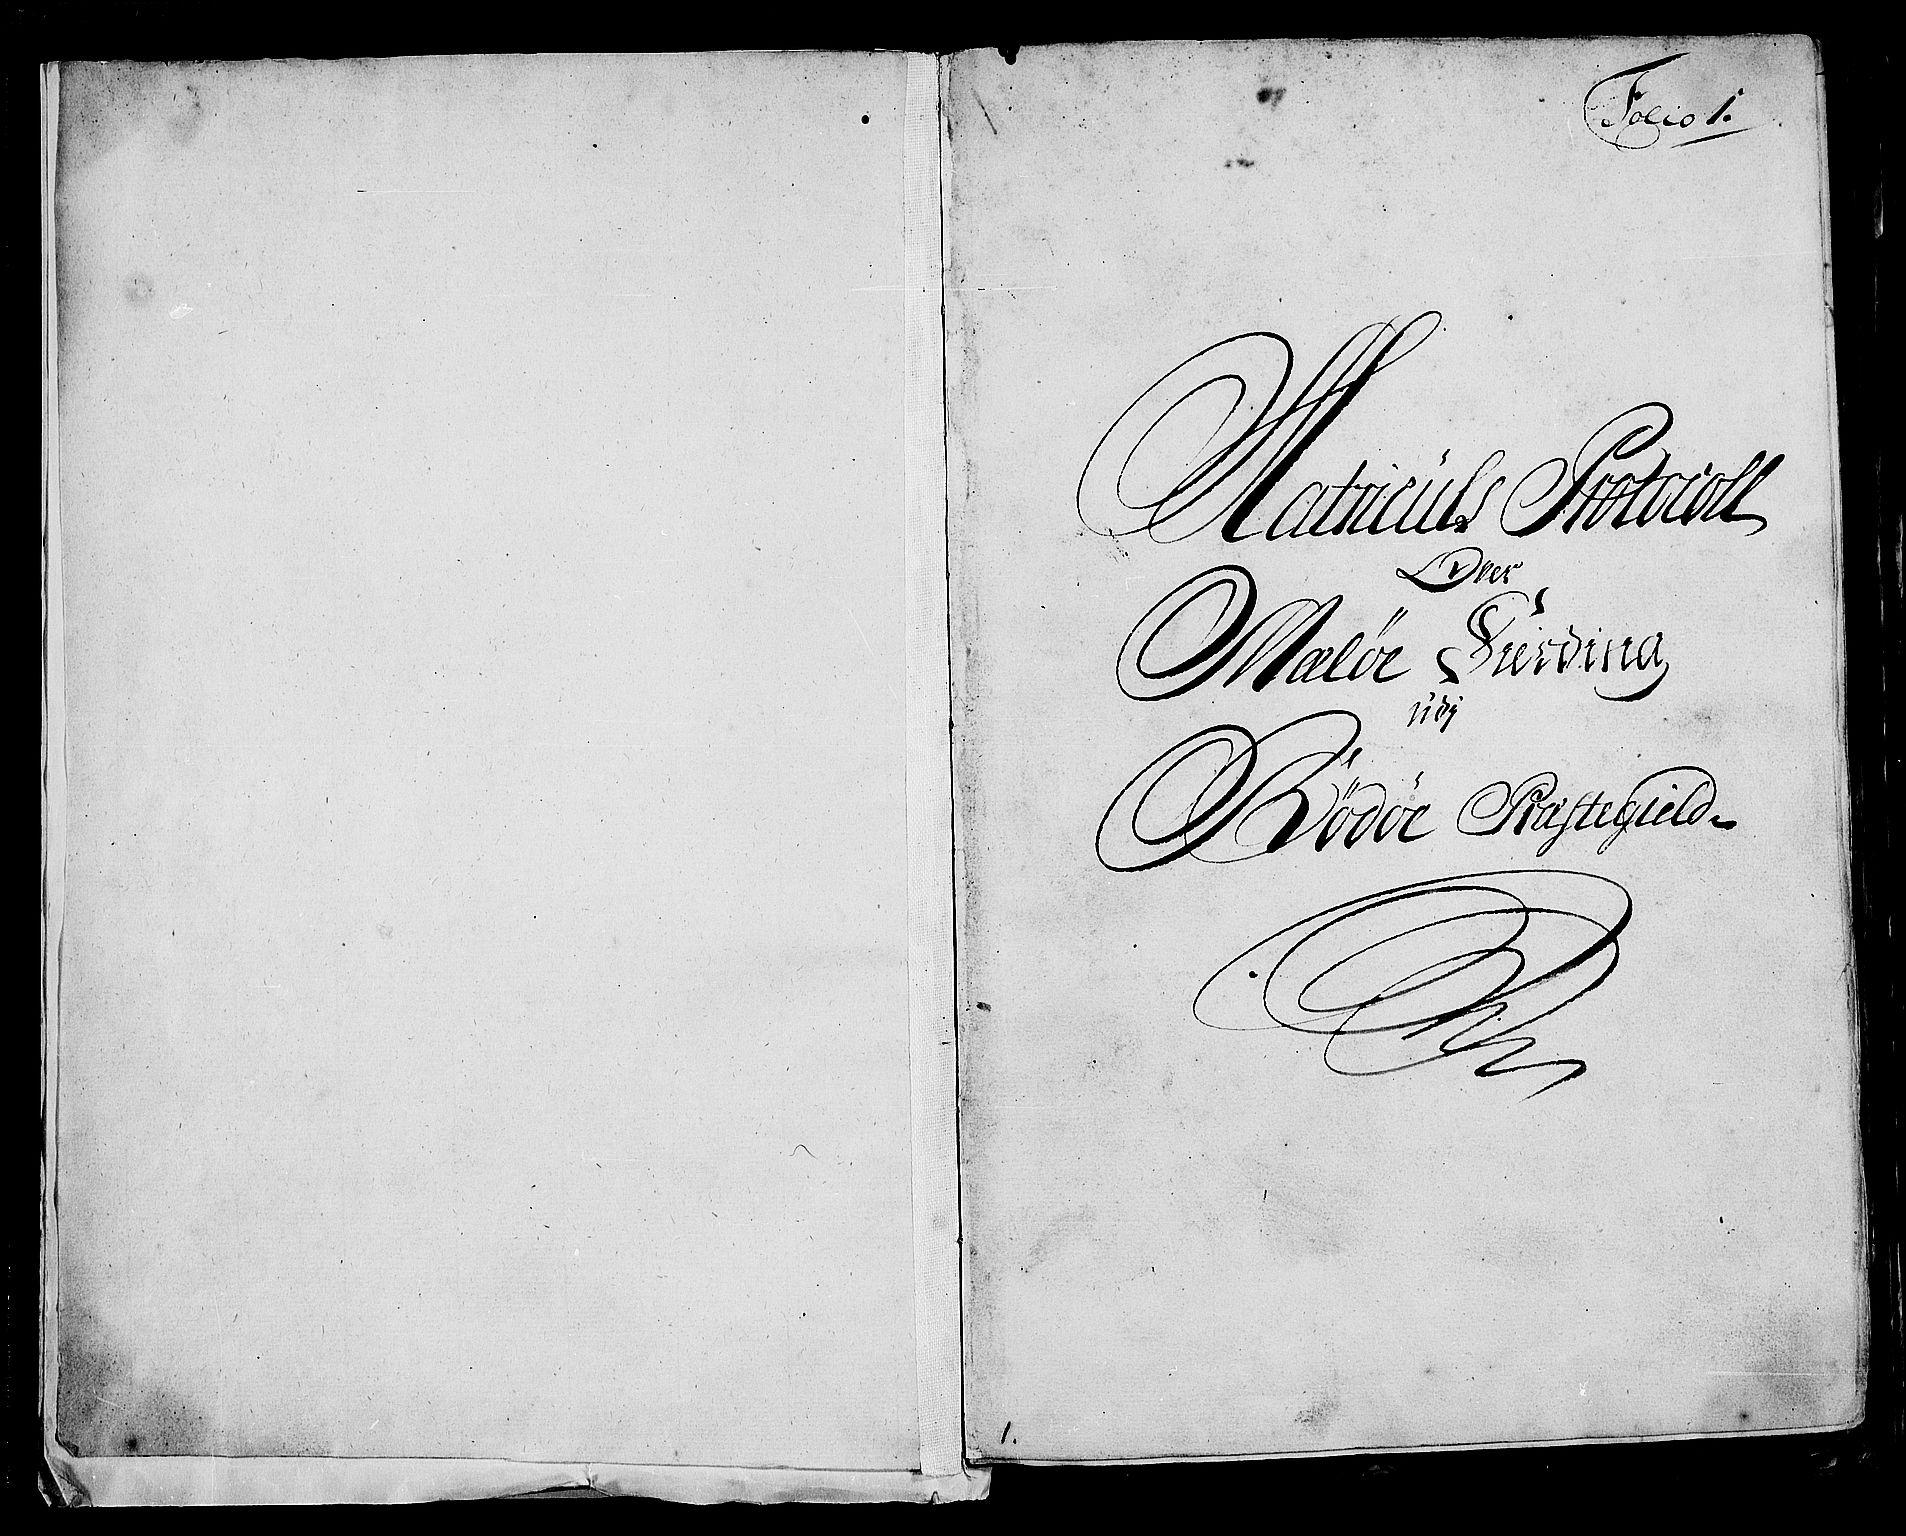 RA, Rentekammeret inntil 1814, Realistisk ordnet avdeling, N/Nb/Nbf/L0170: Helgeland eksaminasjonsprotokoll, 1723, s. 1a